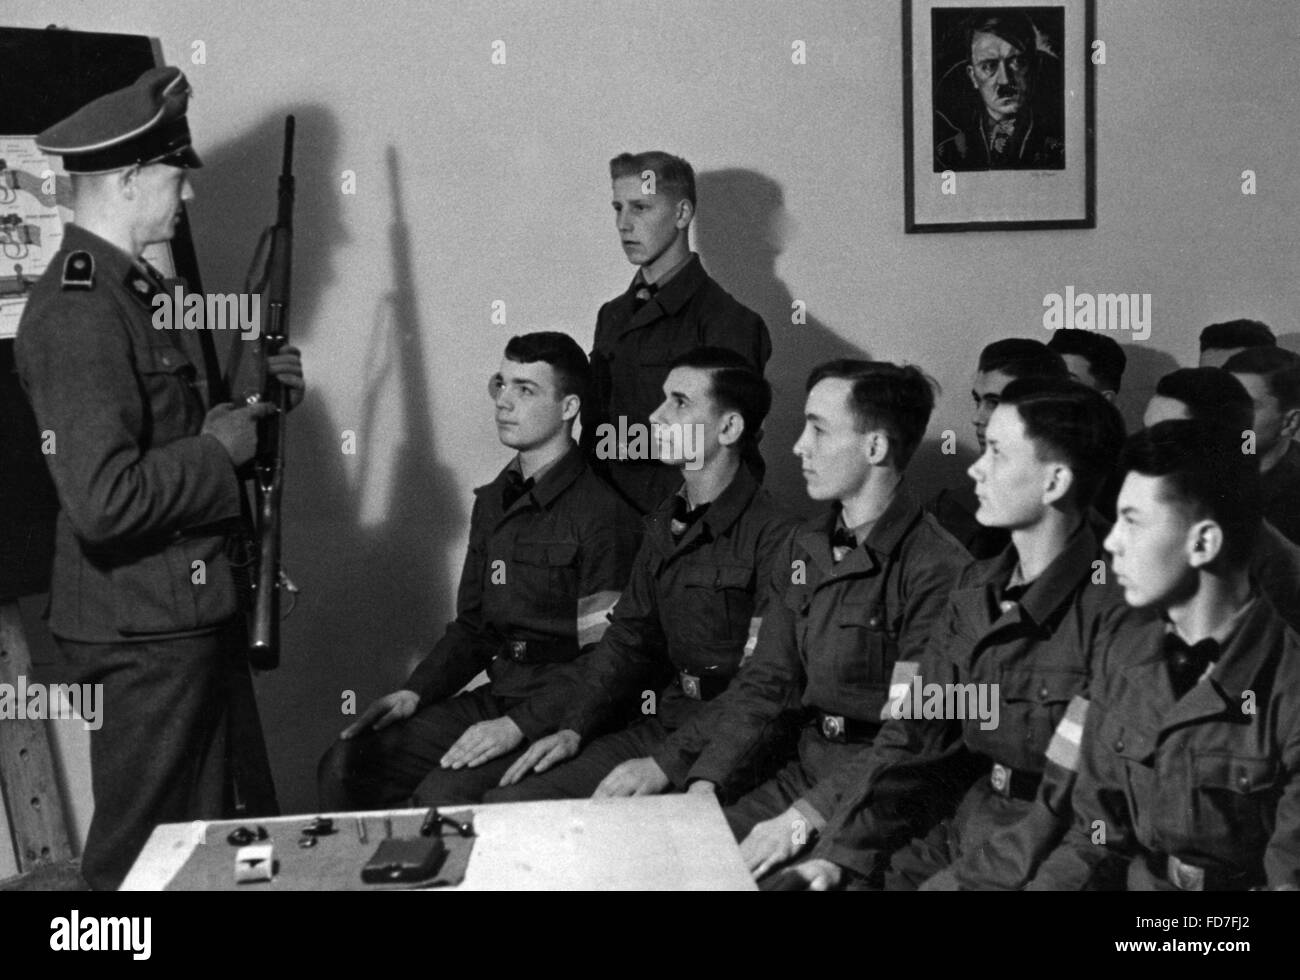 A Waffen Ss Officer Stockfotos & A Waffen Ss Officer